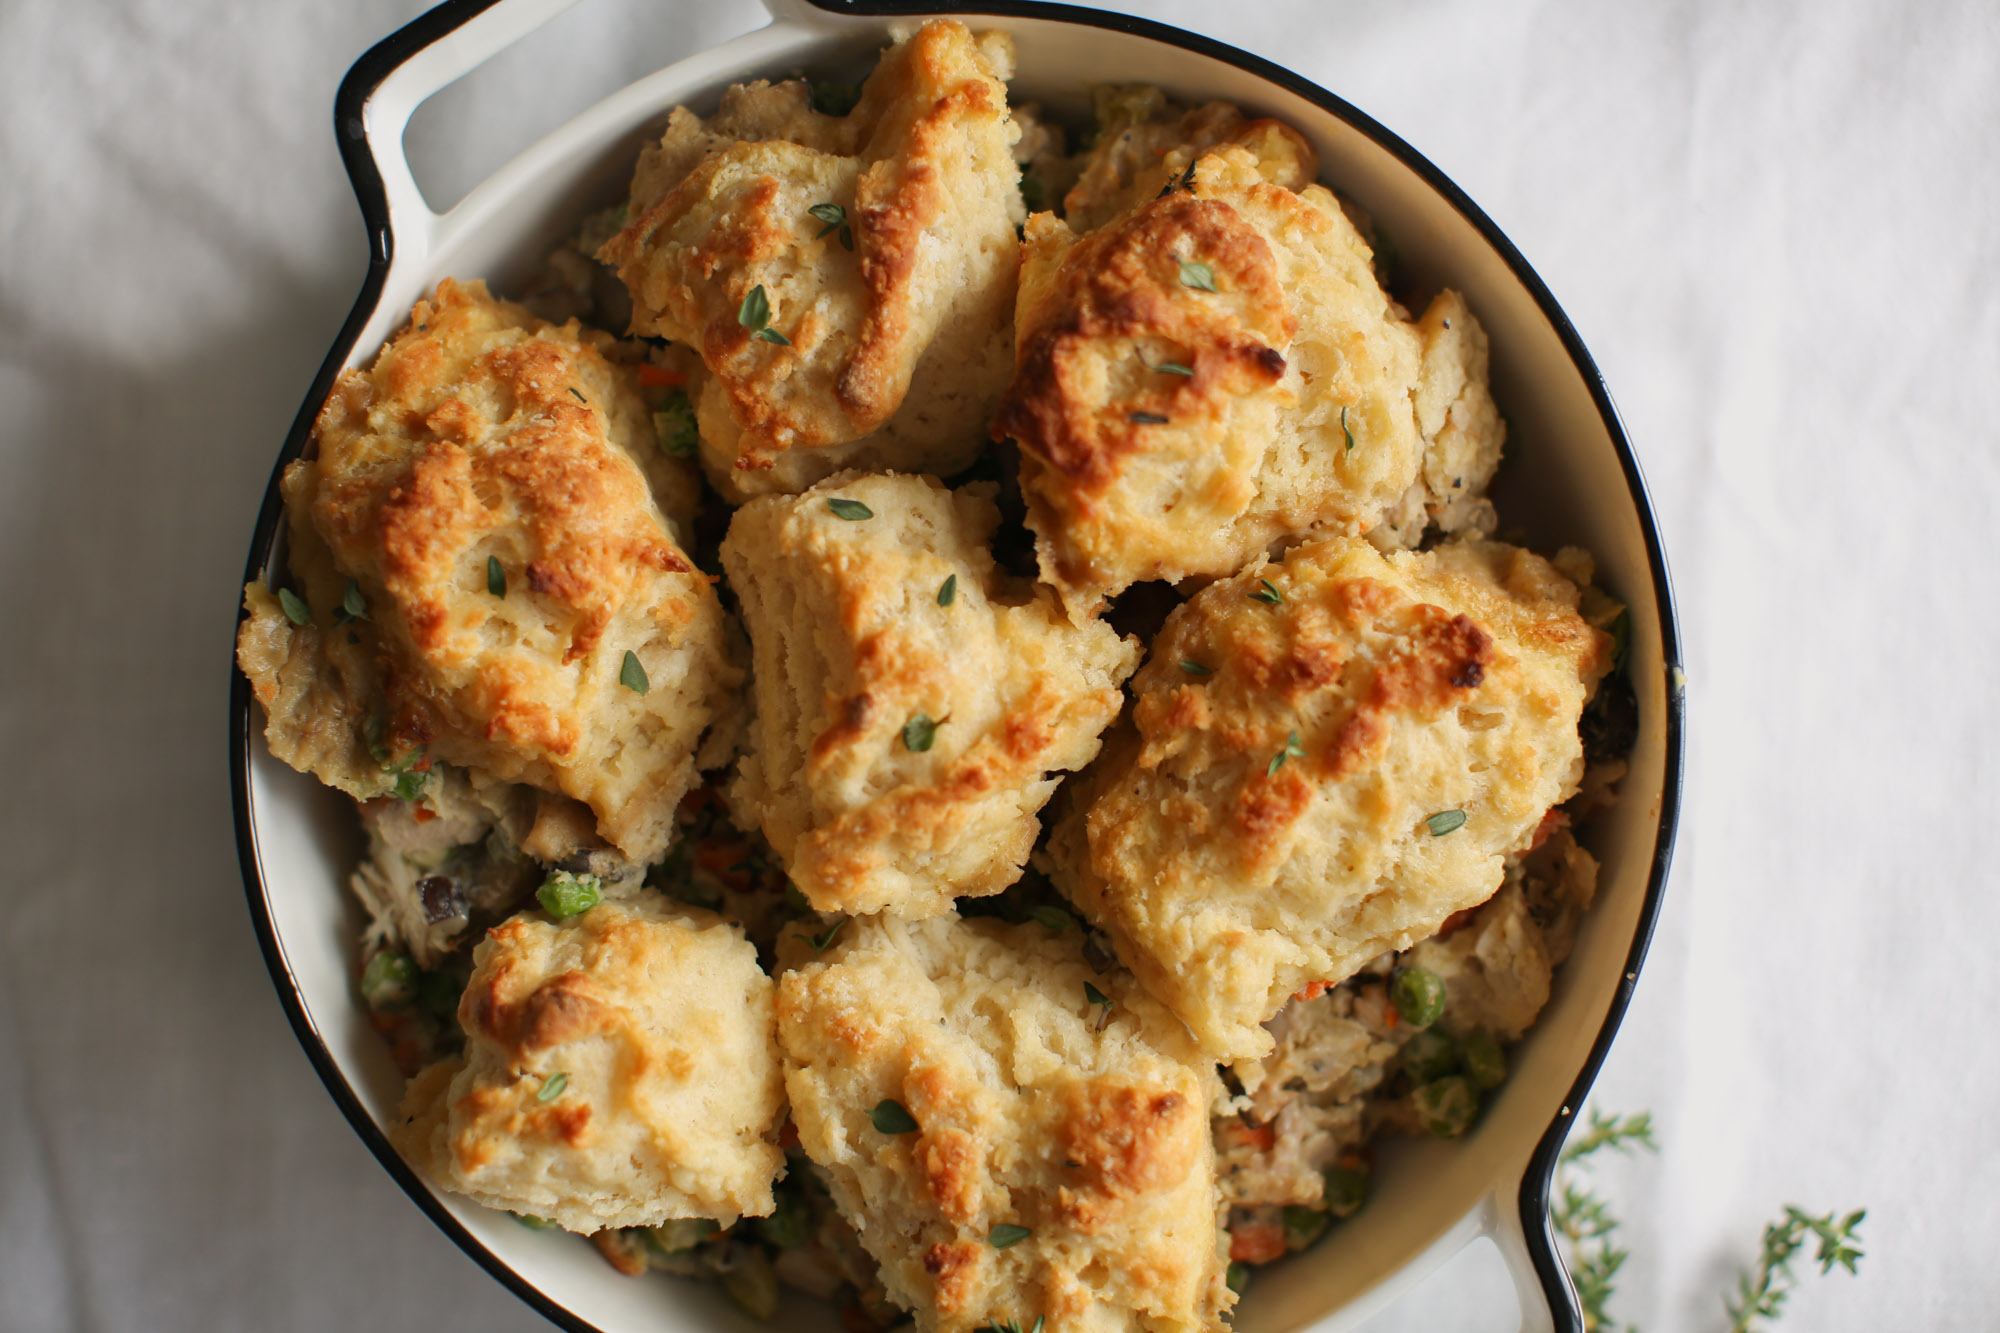 Easy Drop Biscuit Recipe for Pot Pie